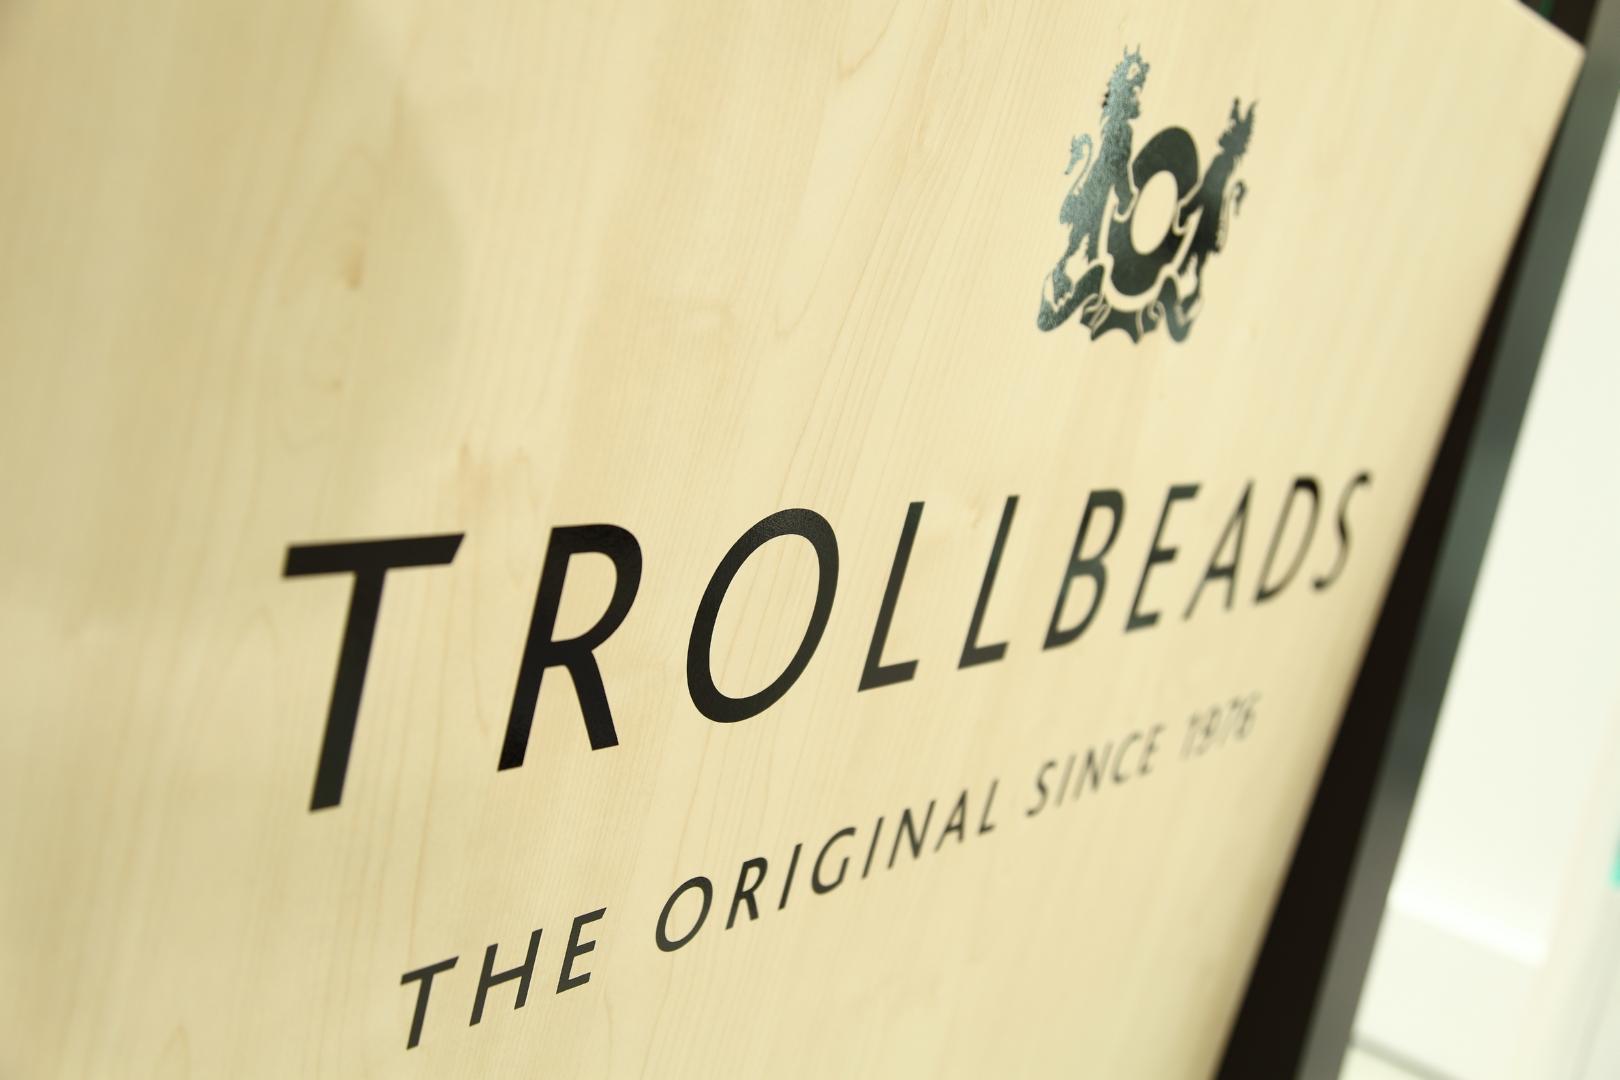 Trollbeads Maglie Gioielleria Tracce D'oro Via Matteotti